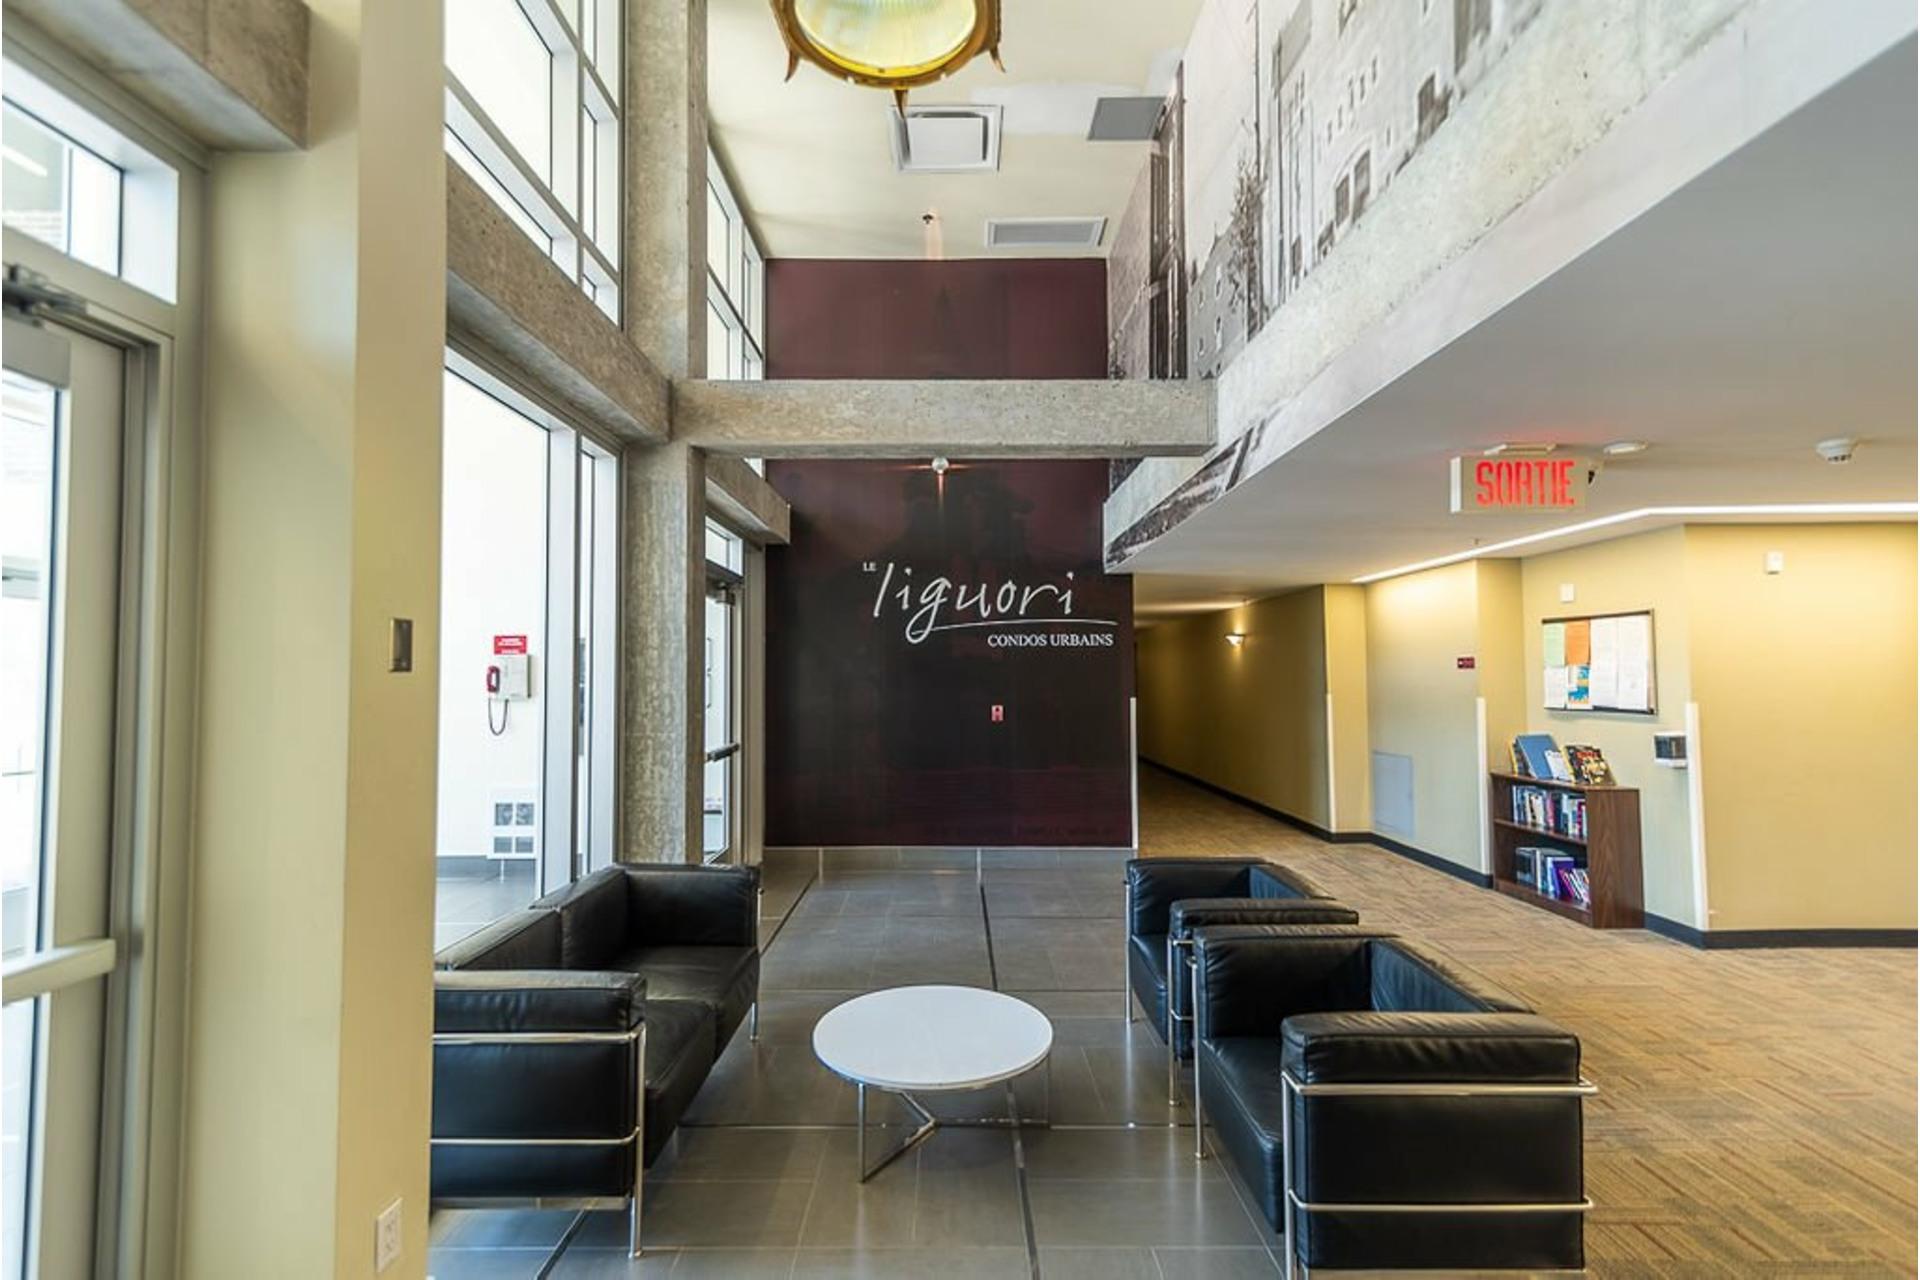 image 20 - Apartment For sale Villeray/Saint-Michel/Parc-Extension Montréal  - 4 rooms